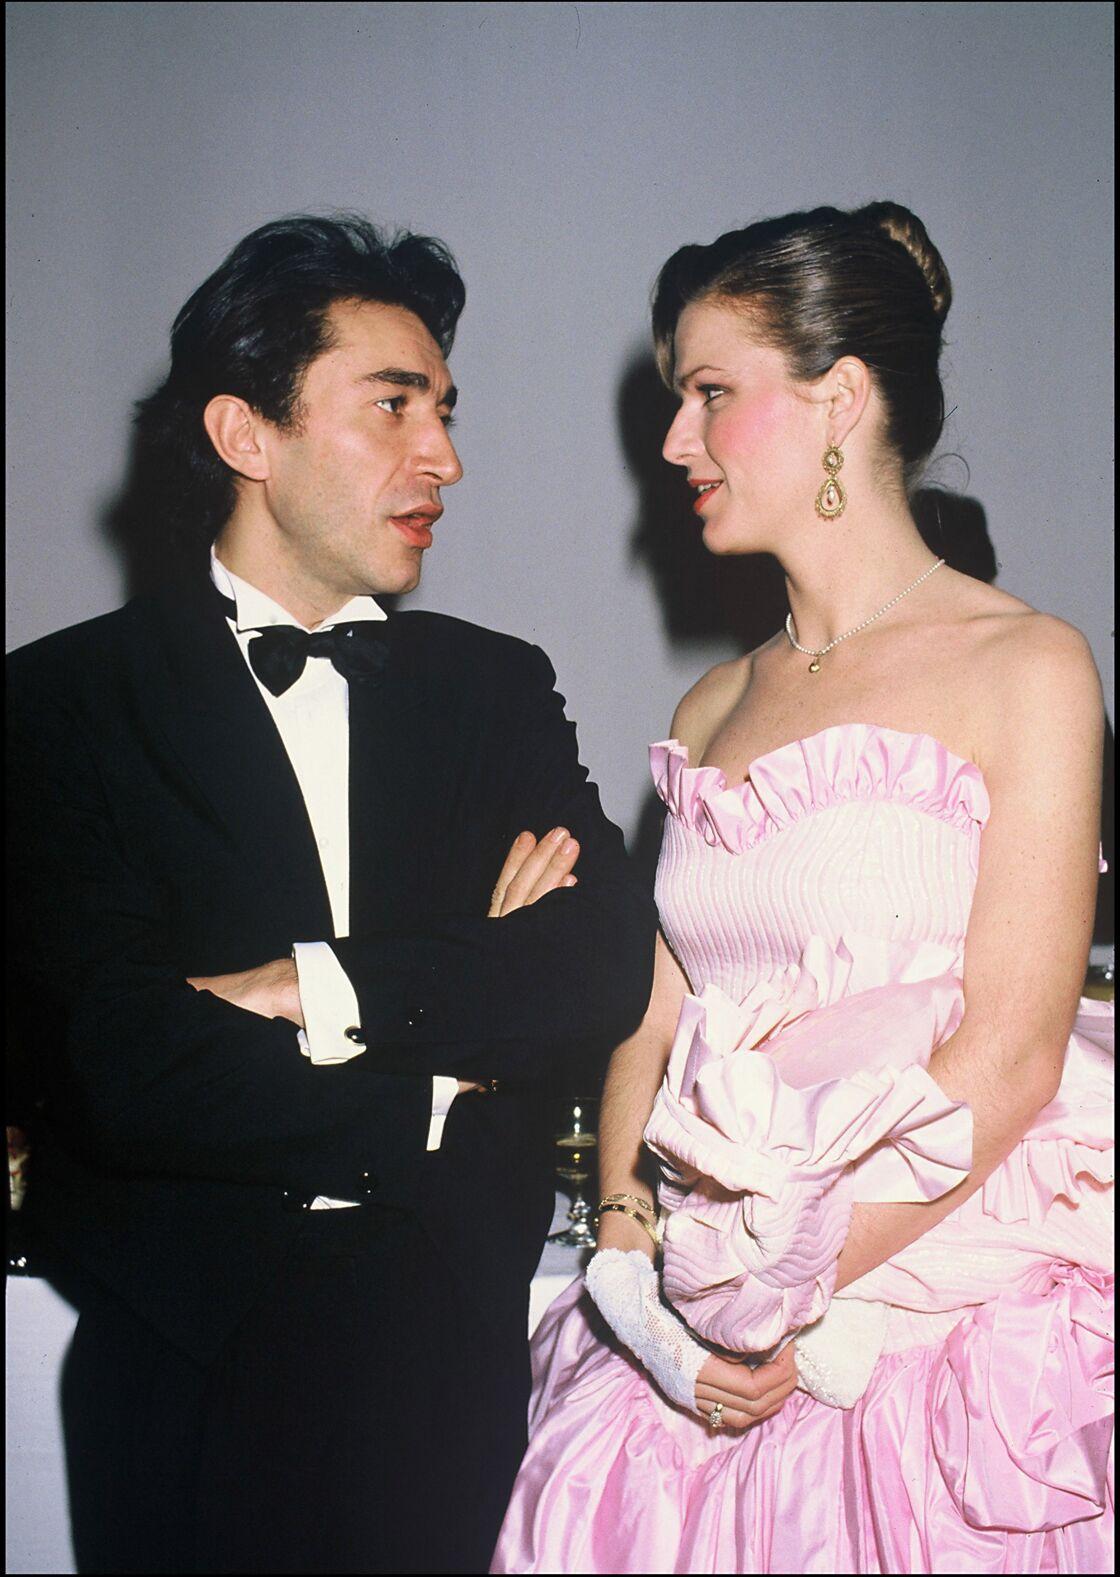 Jeane Manson et Richard Berry en 1984, année de leur mariage. Ils divorceront deux ans plus tard.